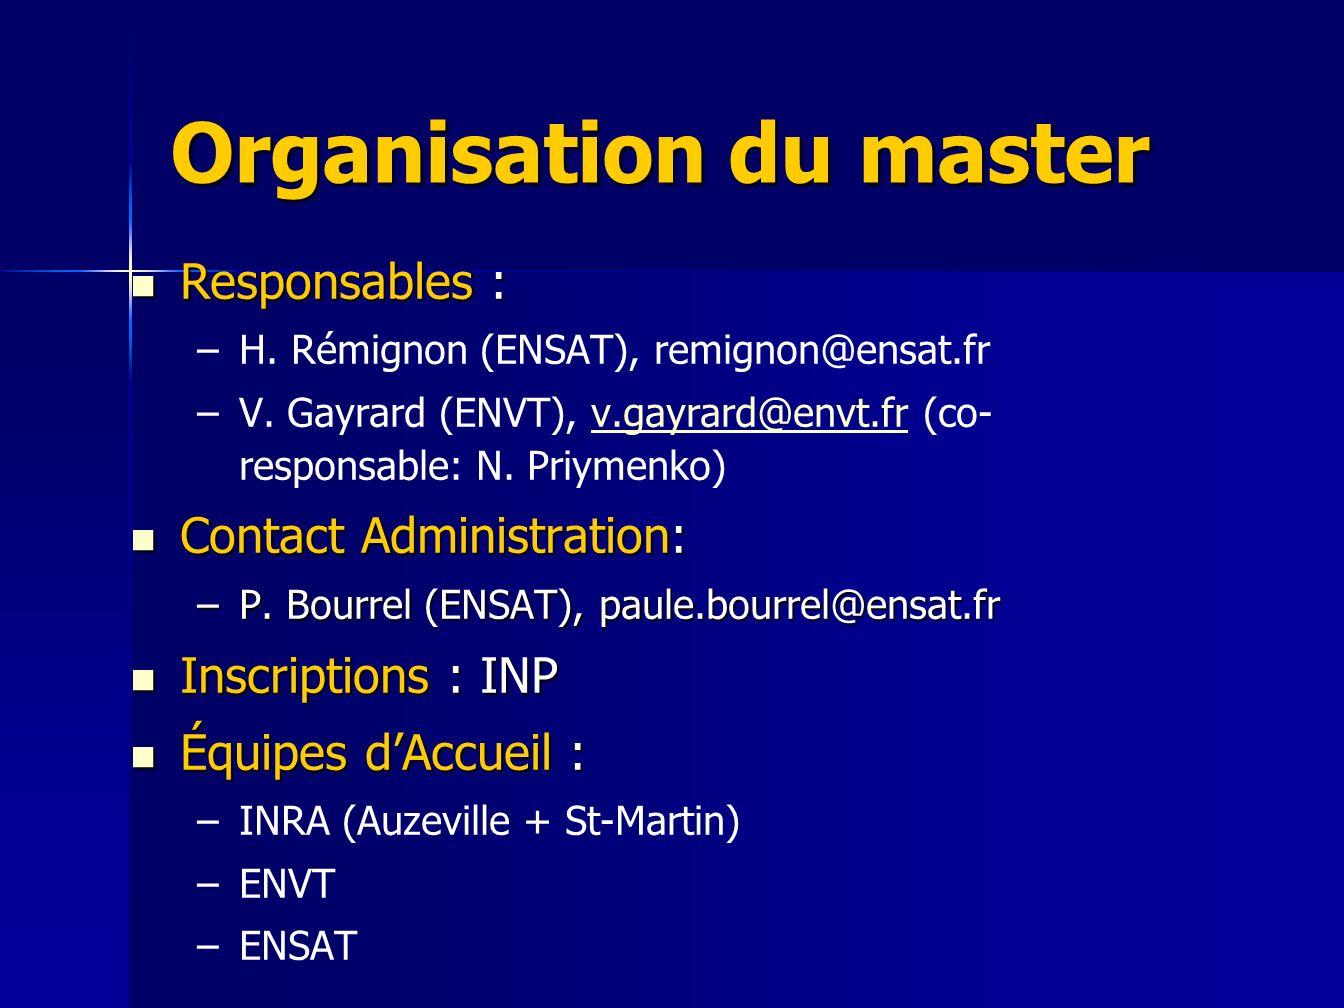 Organisation du master Responsables : Responsables : – –H. Rémignon (ENSAT), remignon@ensat.fr – –V. Gayrard (ENVT), v.gayrard@envt.fr (co- responsabl